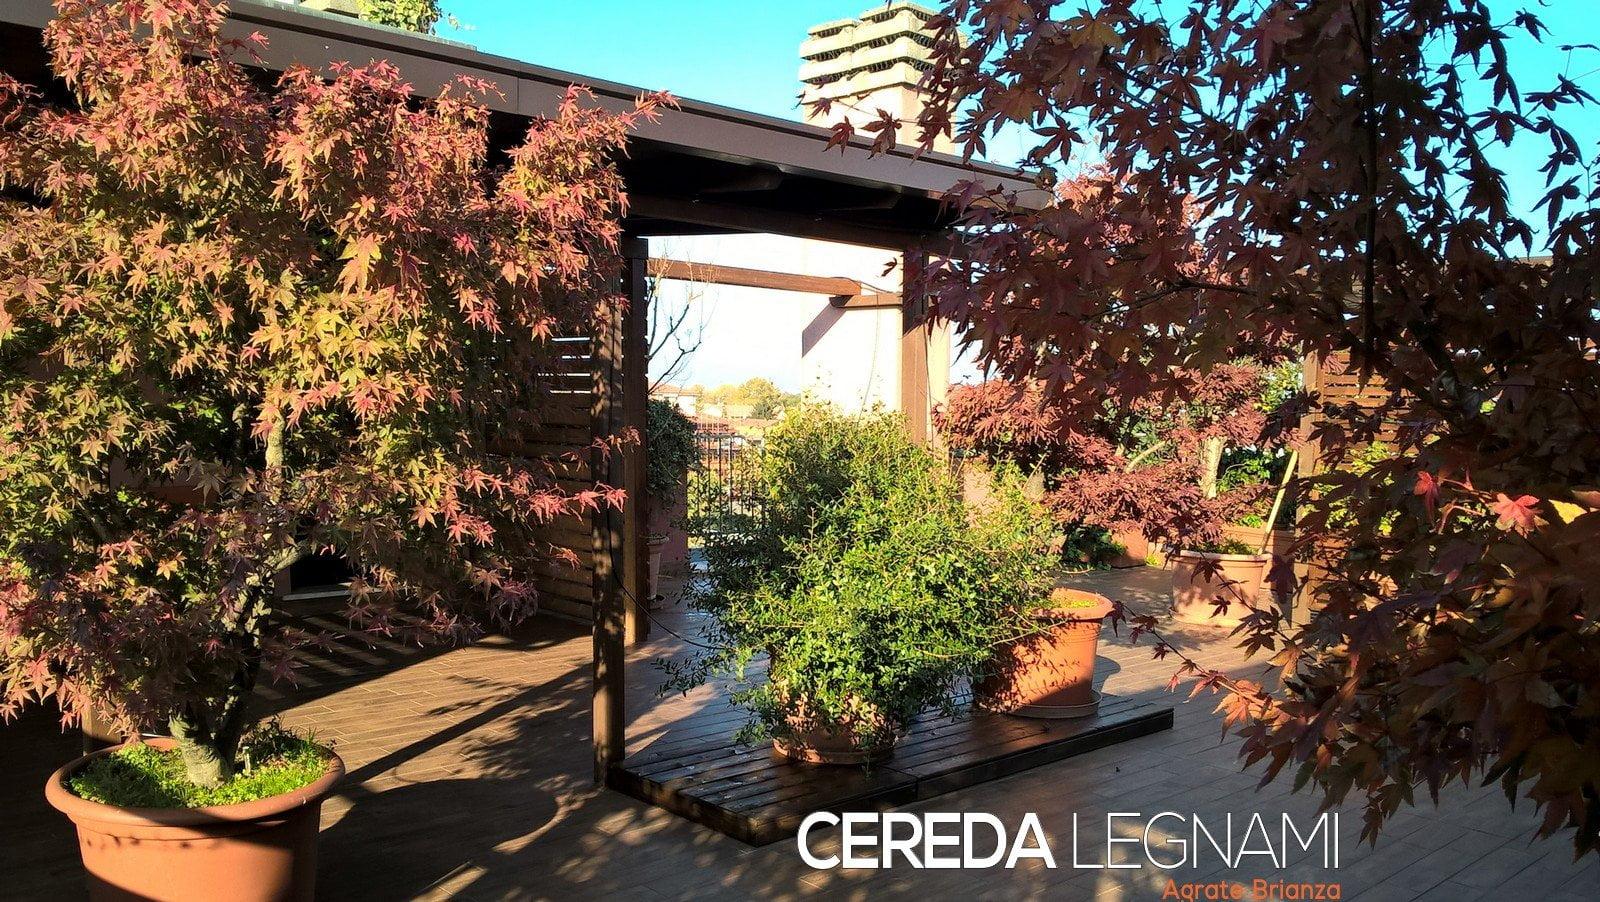 Pedana Di Legno Per Giardino tettoia in legno per terrazzo - cereda legnami agrate brianza